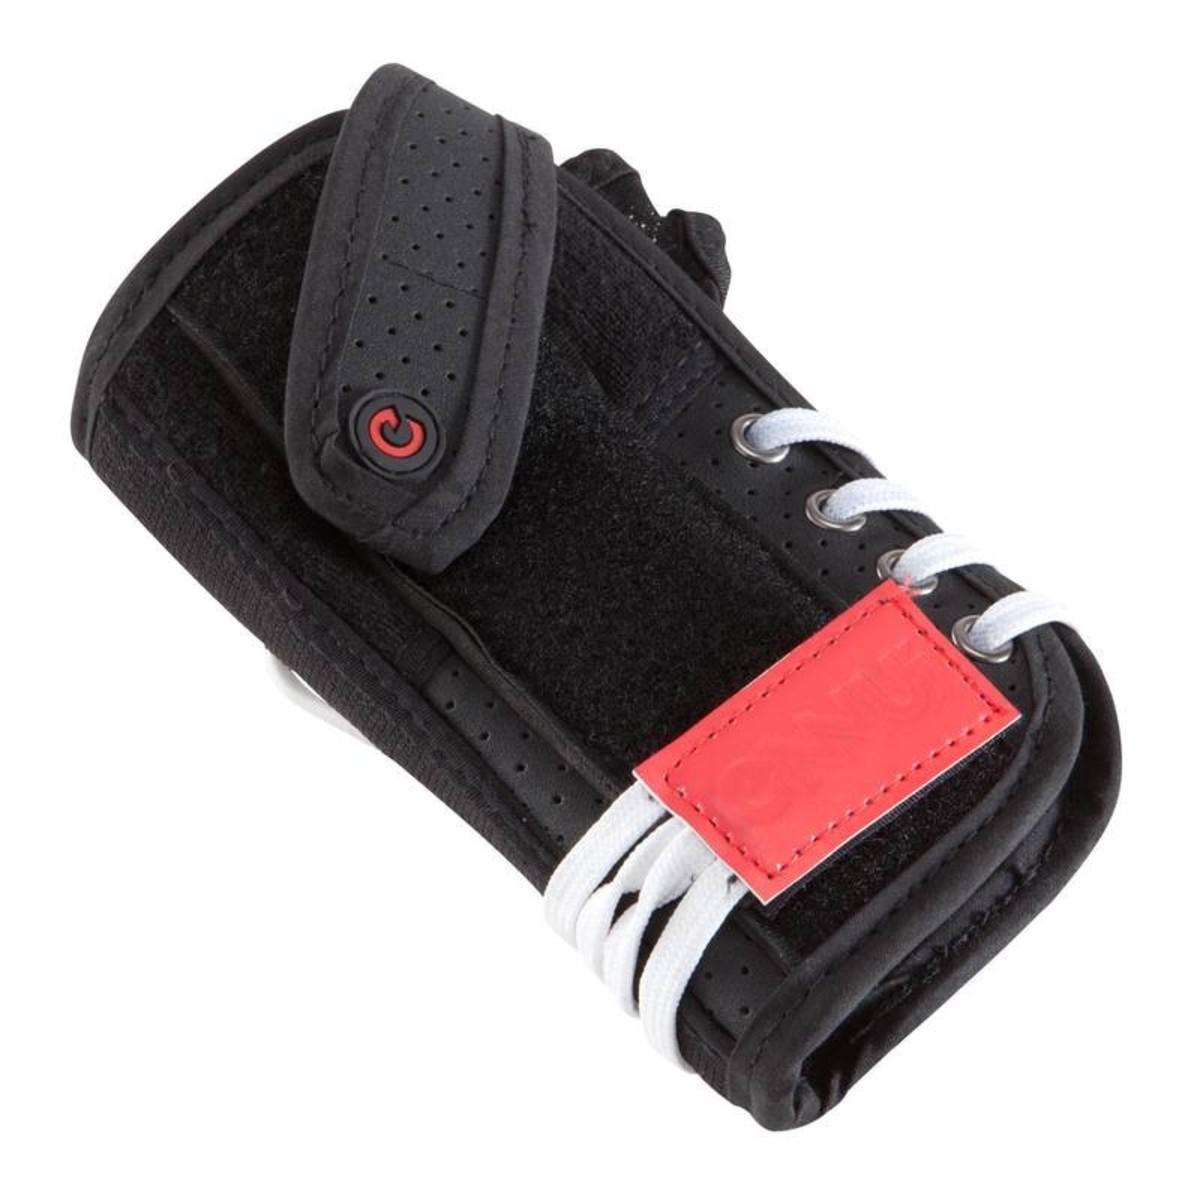 Bild 2 von POWERSLIDE Handgelenkschützer für Inliner Skateboard Erwachsene Ennui Allround schwarz, Größe: 39/40